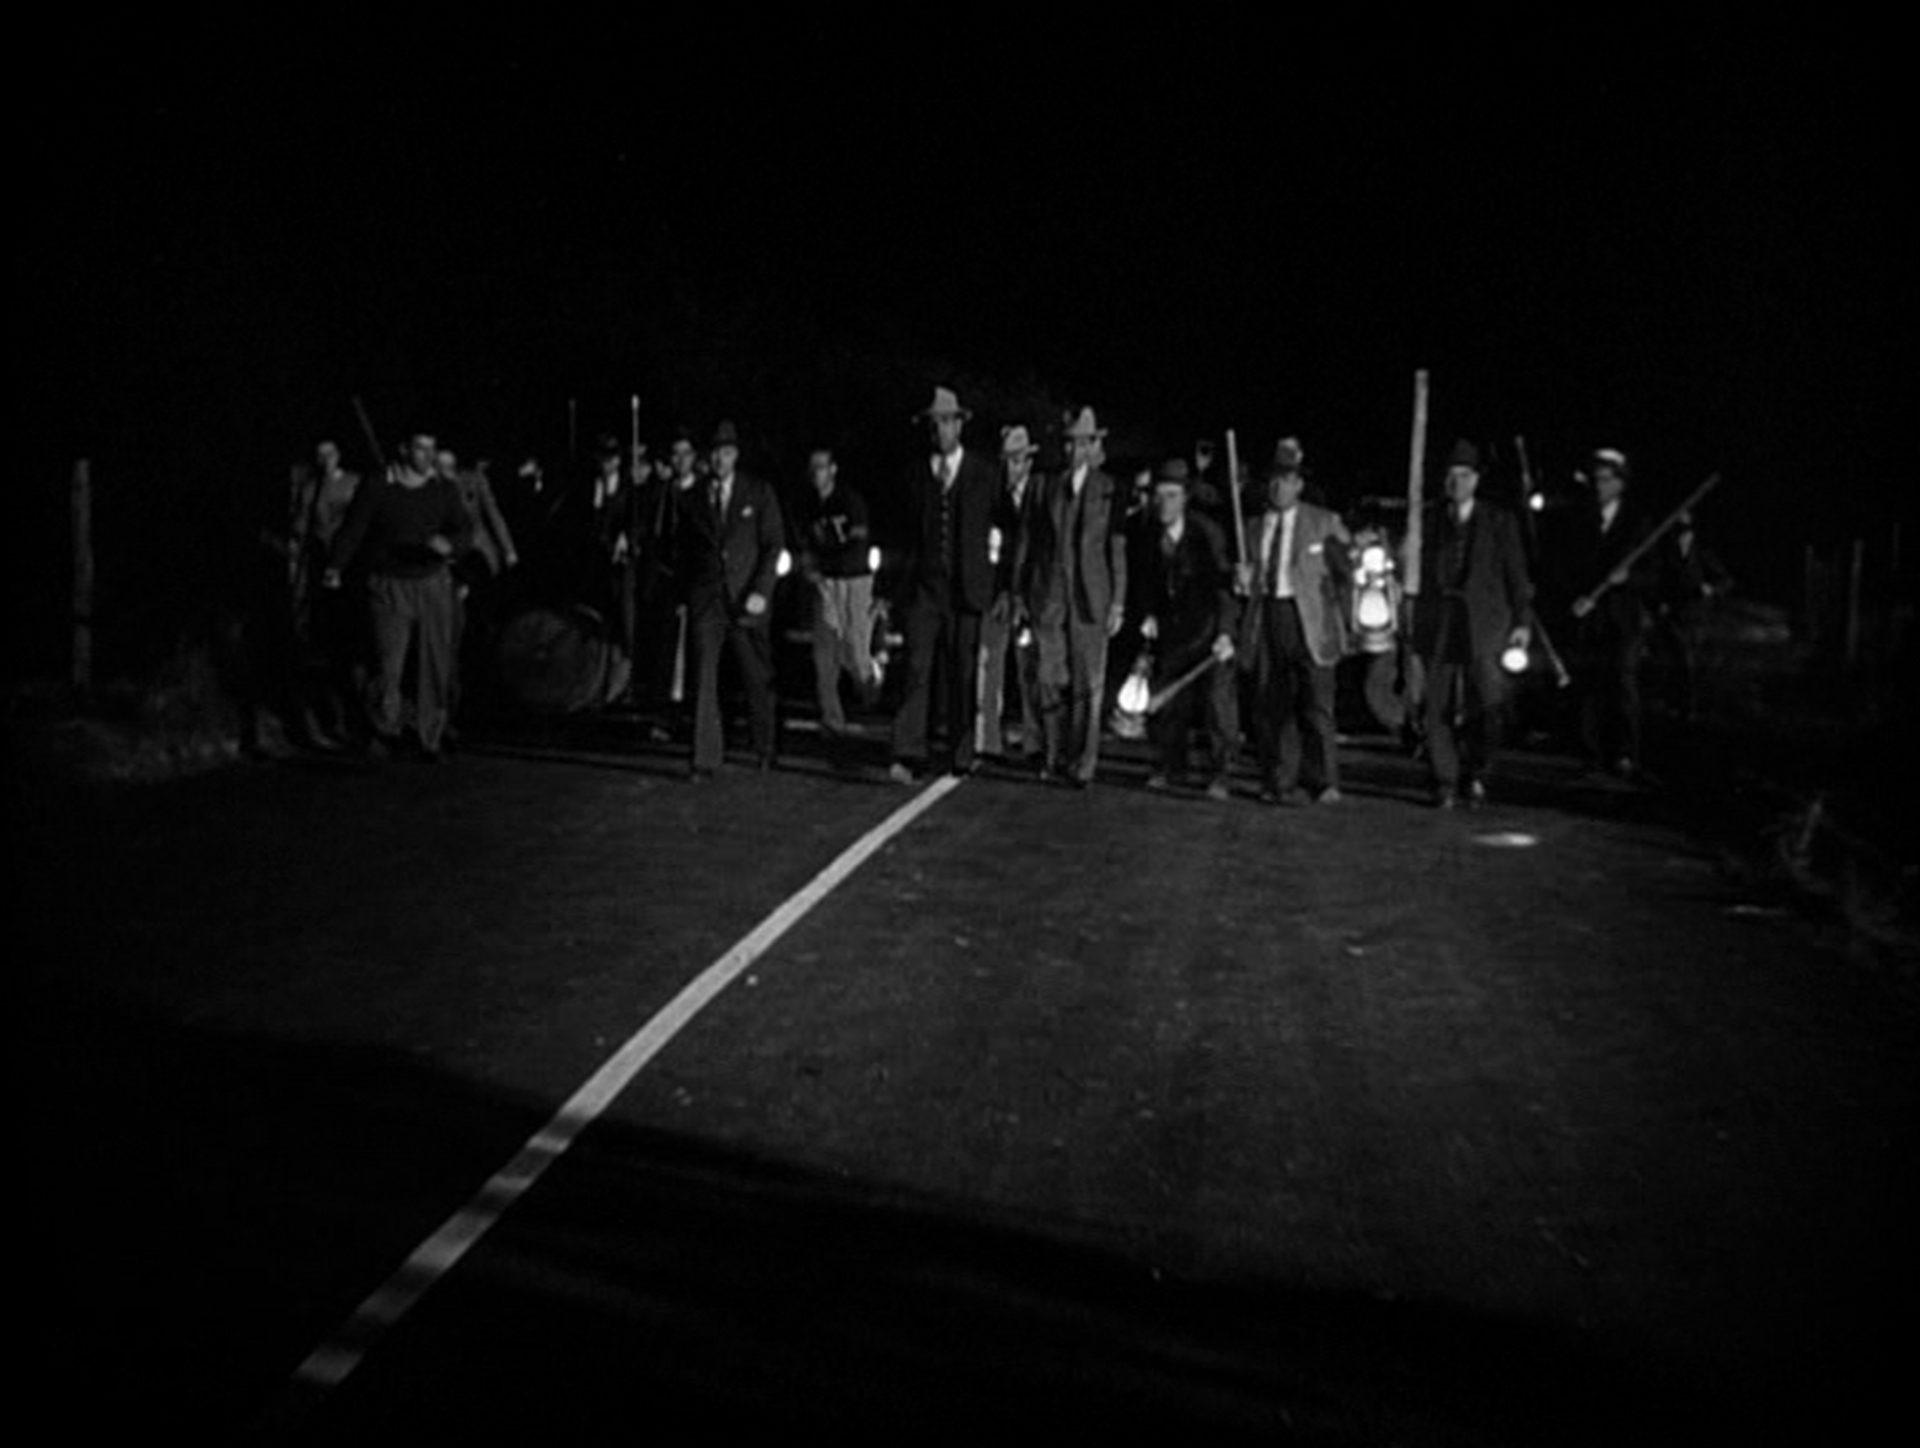 Eine Straßensperre mit bewaffneten Männern in der Nacht.